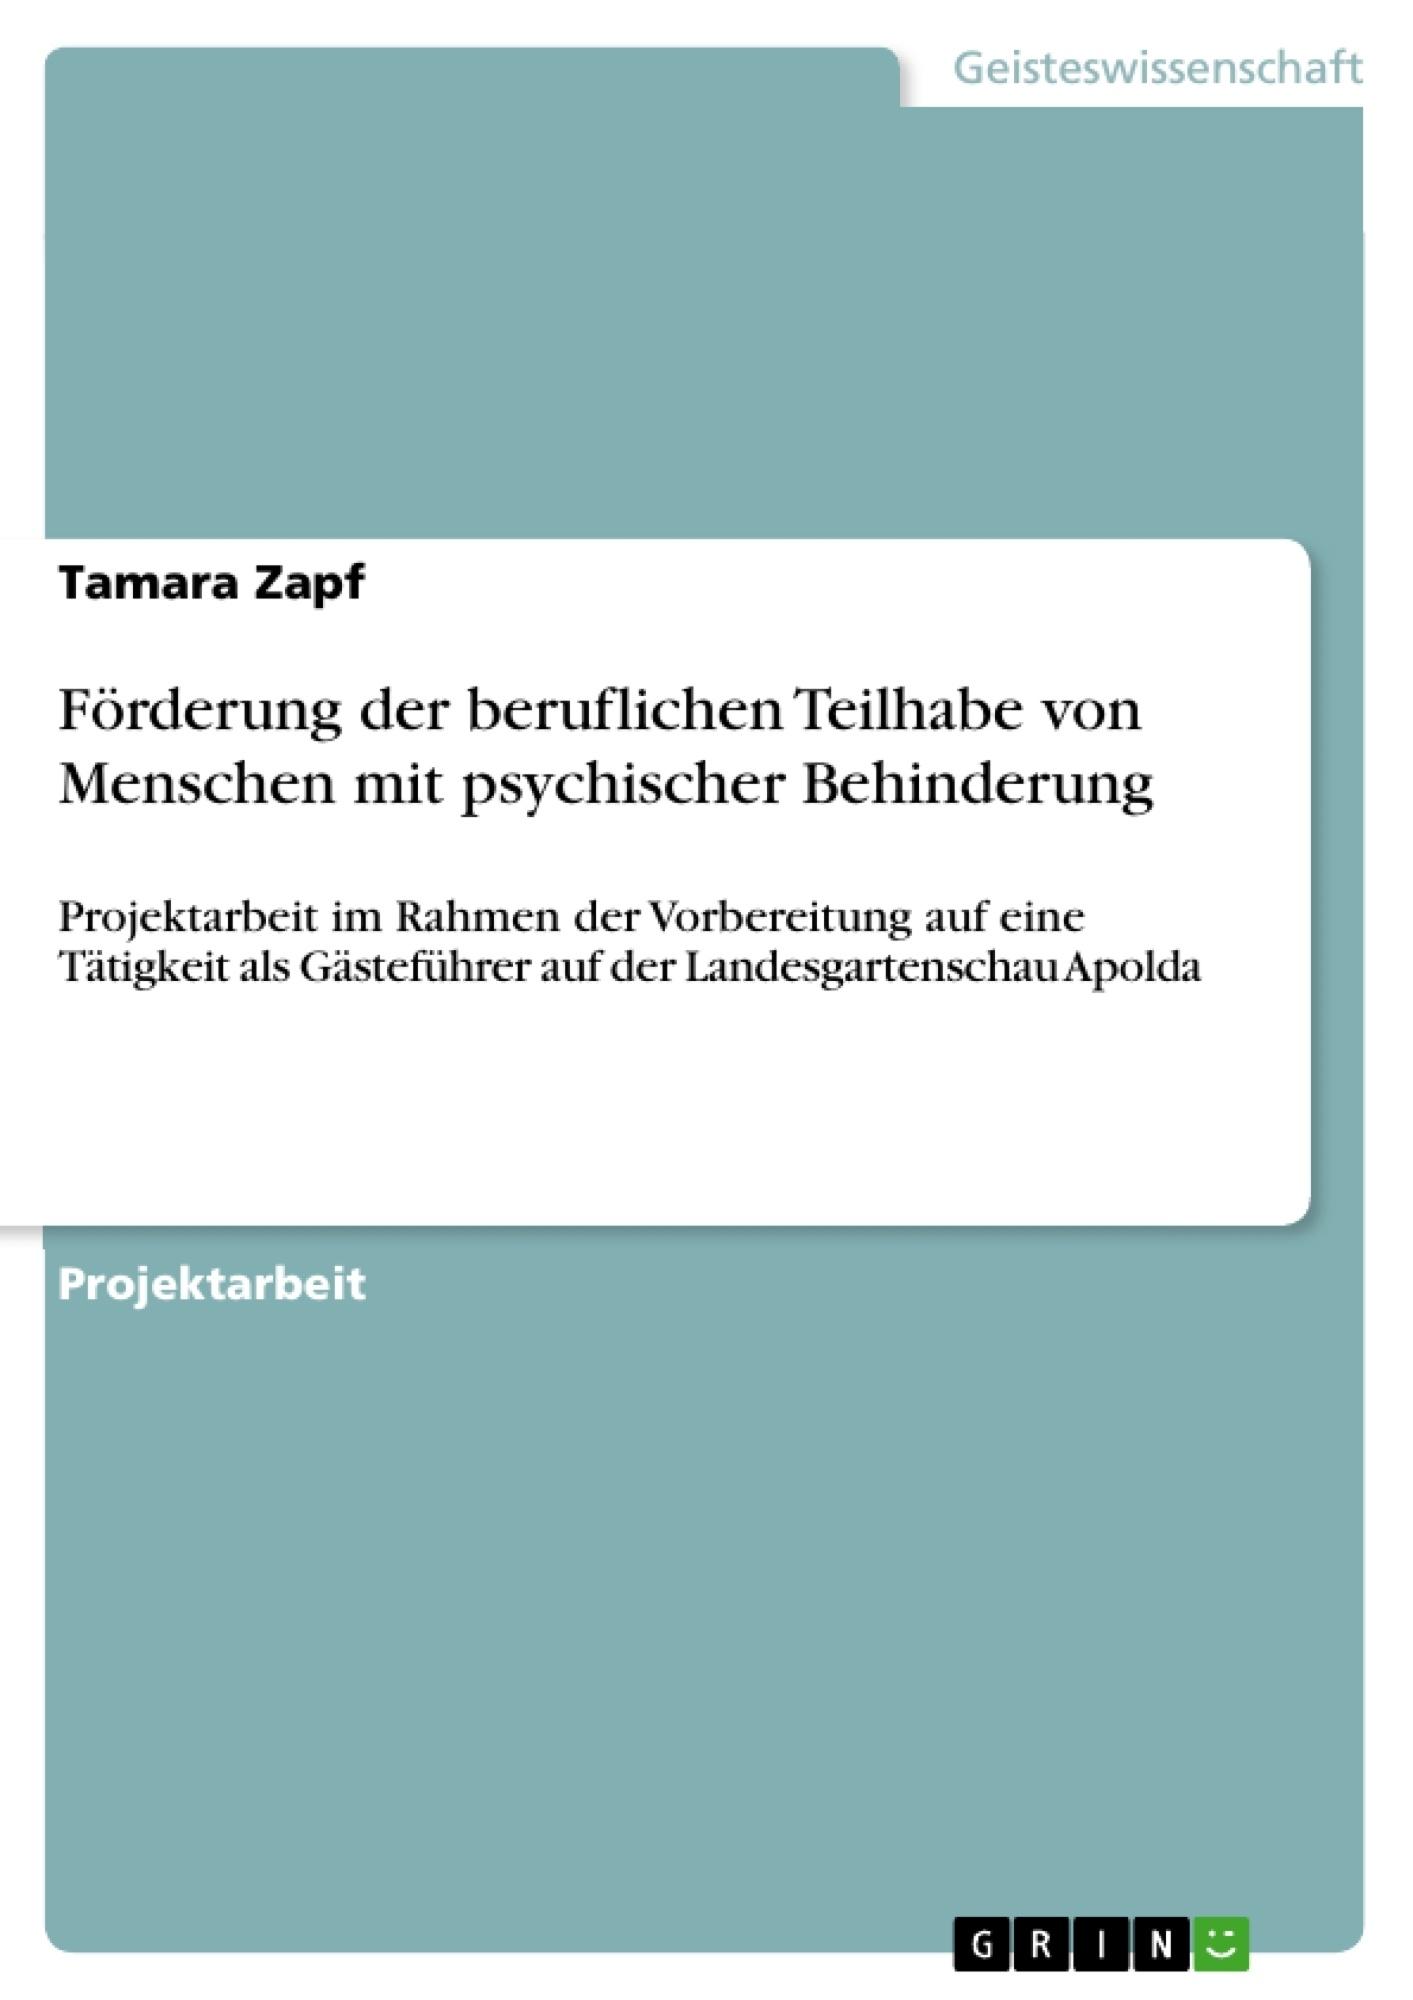 Titel: Förderung der beruflichen Teilhabe von Menschen mit psychischer Behinderung